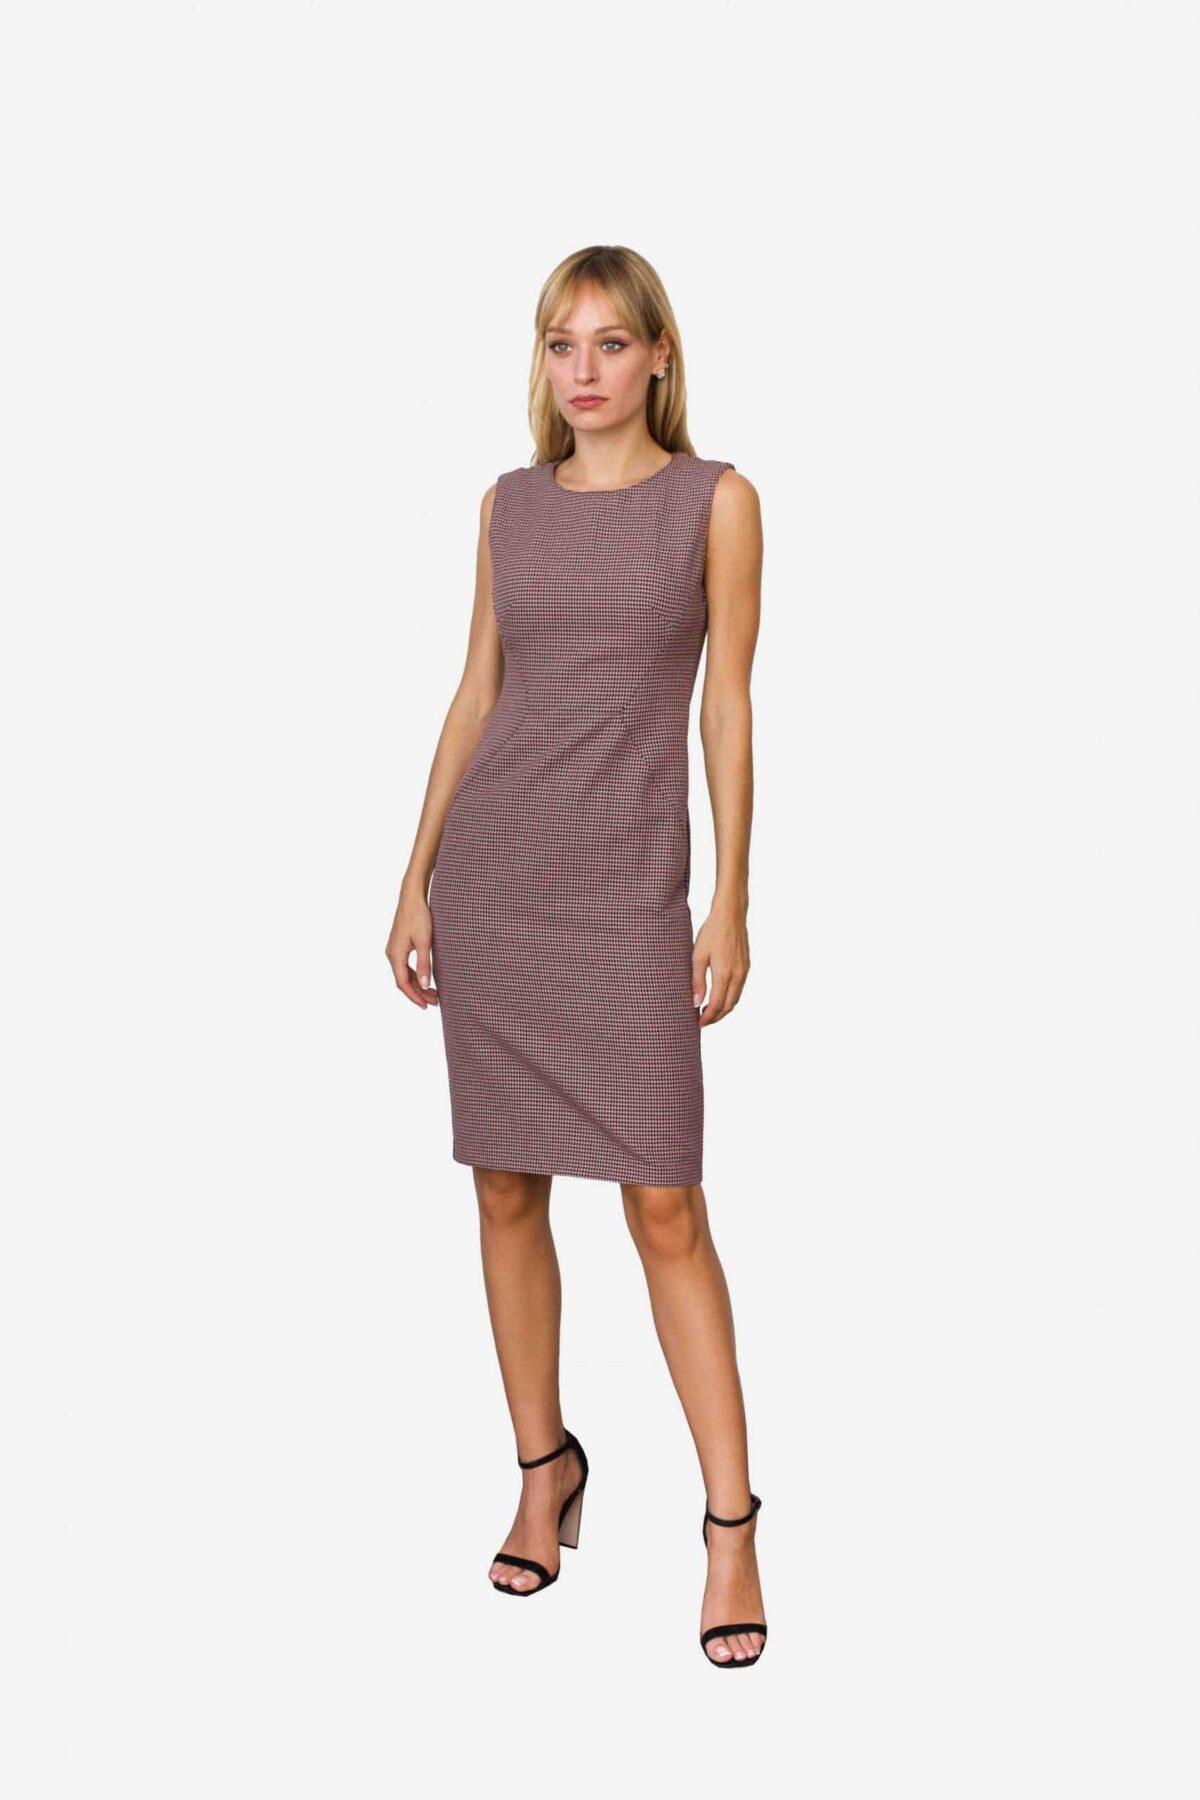 Kleid Defne von SANOGE. Figurbetontes Etuikleid ärmellos mit Pepita Muster in rose, altrosa und grau.